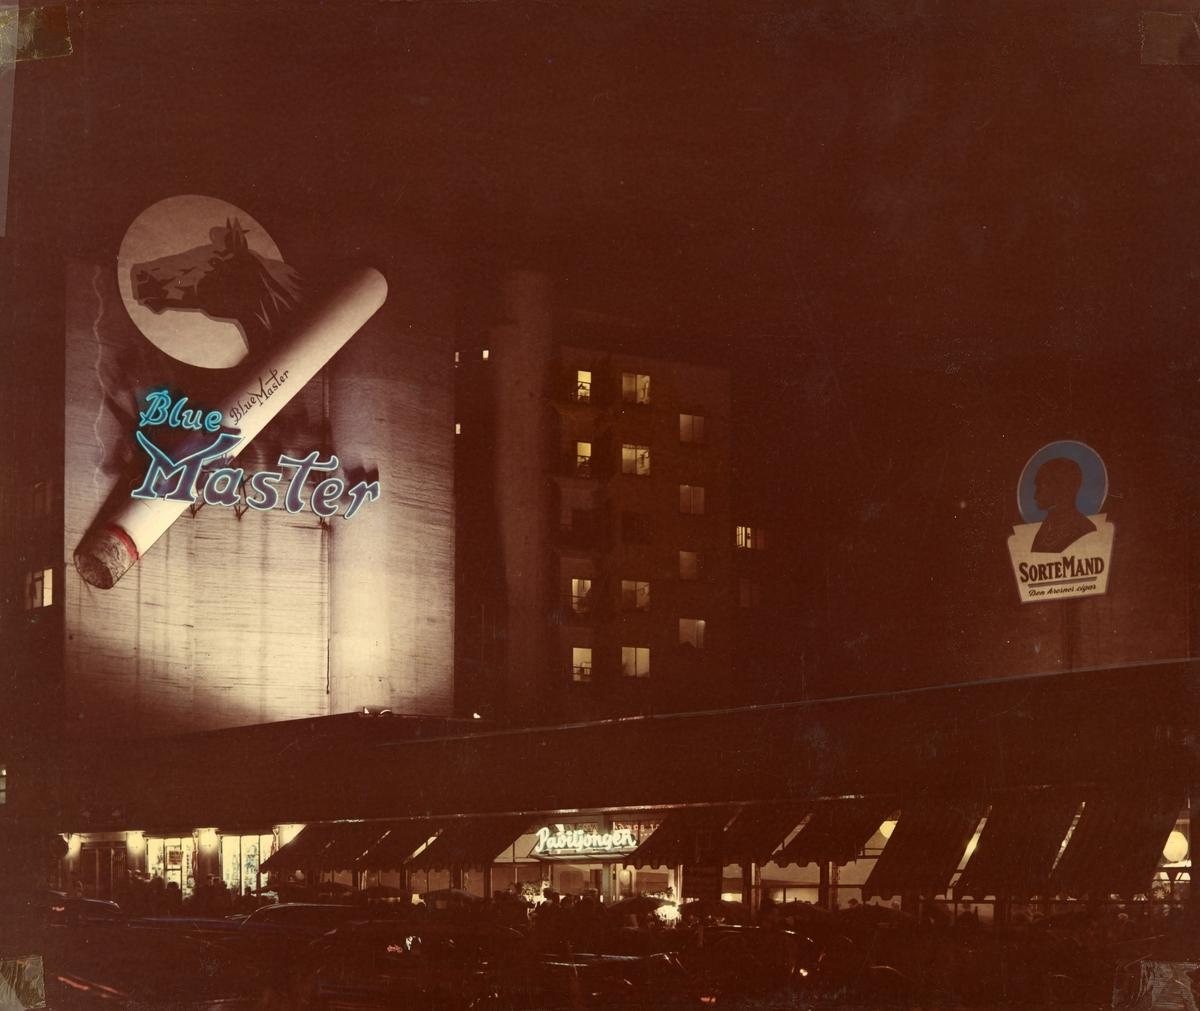 Blue Master og Sorte Mand reklameskilt på fasader over Restaurant Paviljongen ved Hotel Continental i Oslo.